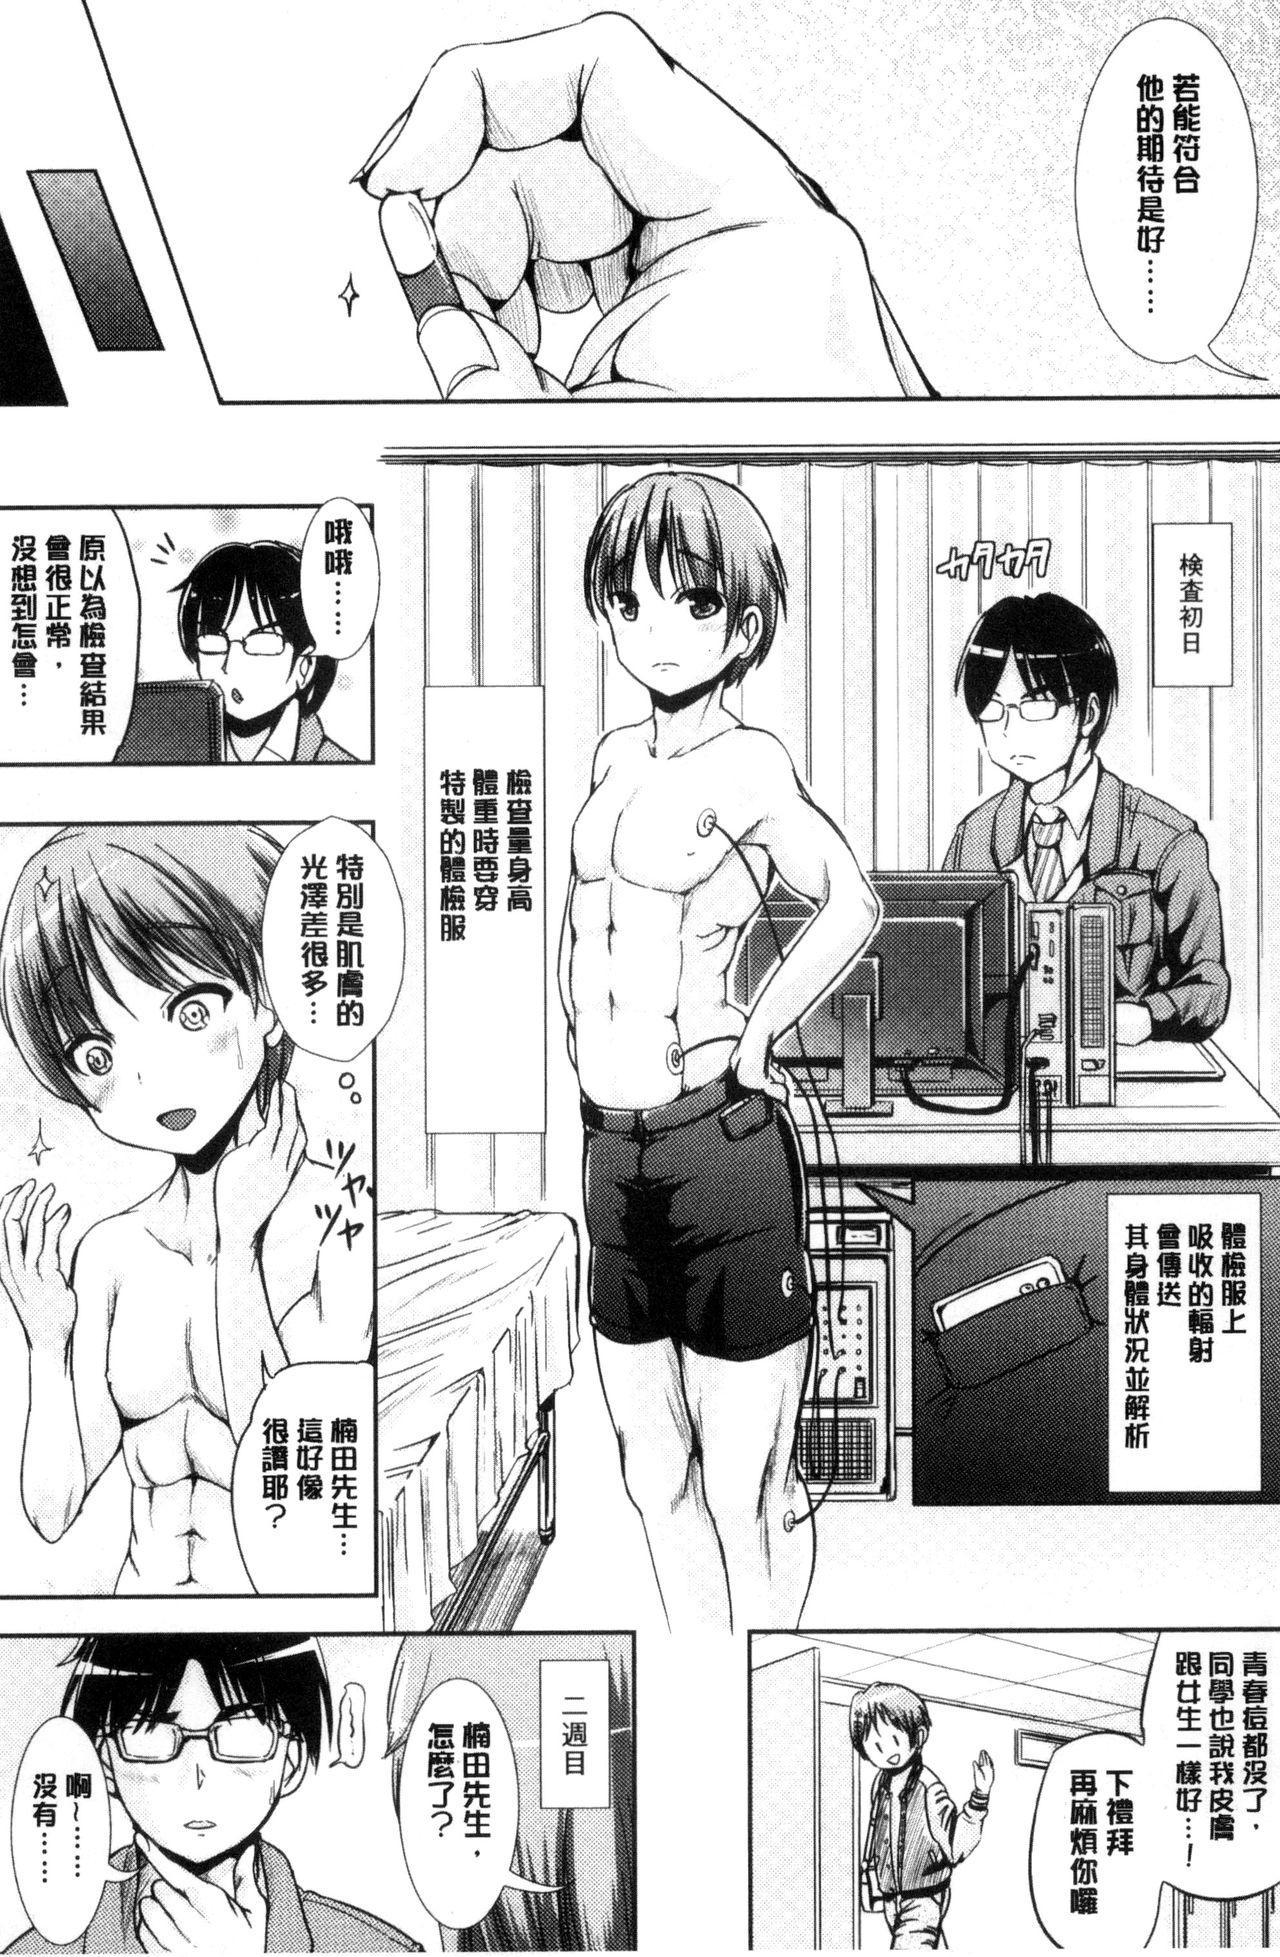 [Marneko] Onnanoko Supple ~Seitenkan Shite Hoken no Jugyou~   女孩子補給品 性轉換之後保健的授業 [Chinese] 23